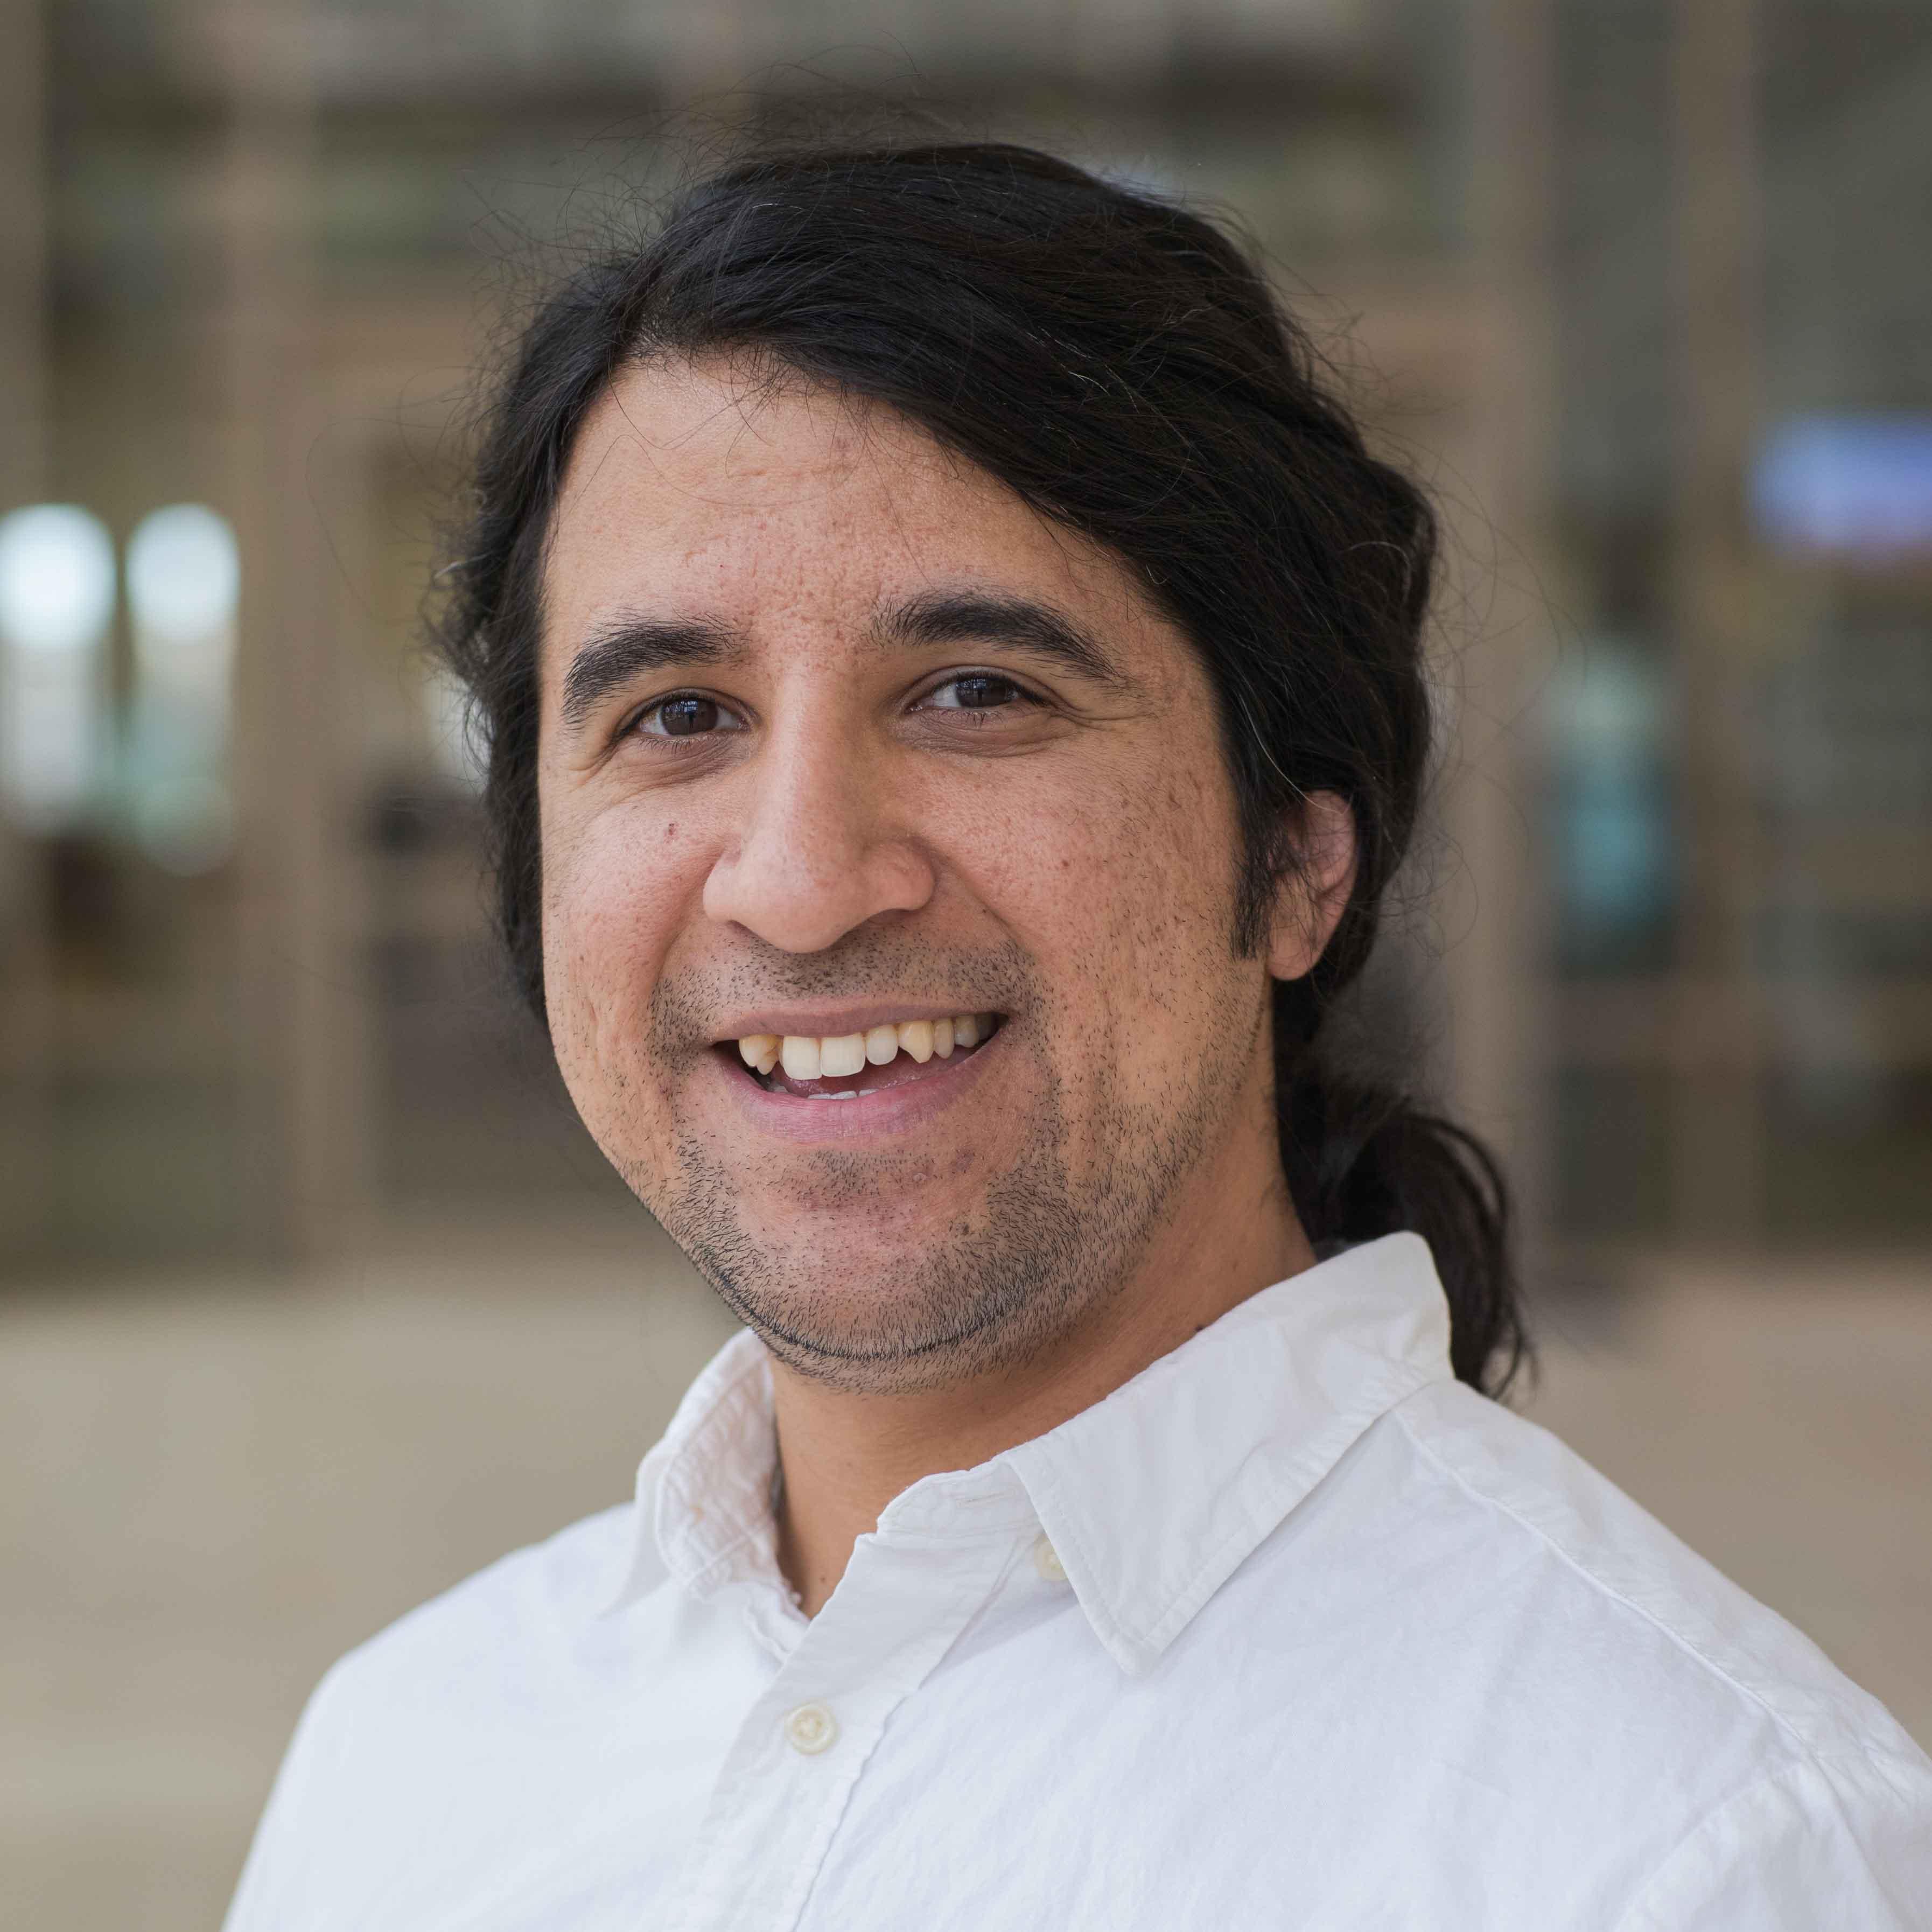 Abraham Franco New Headshot